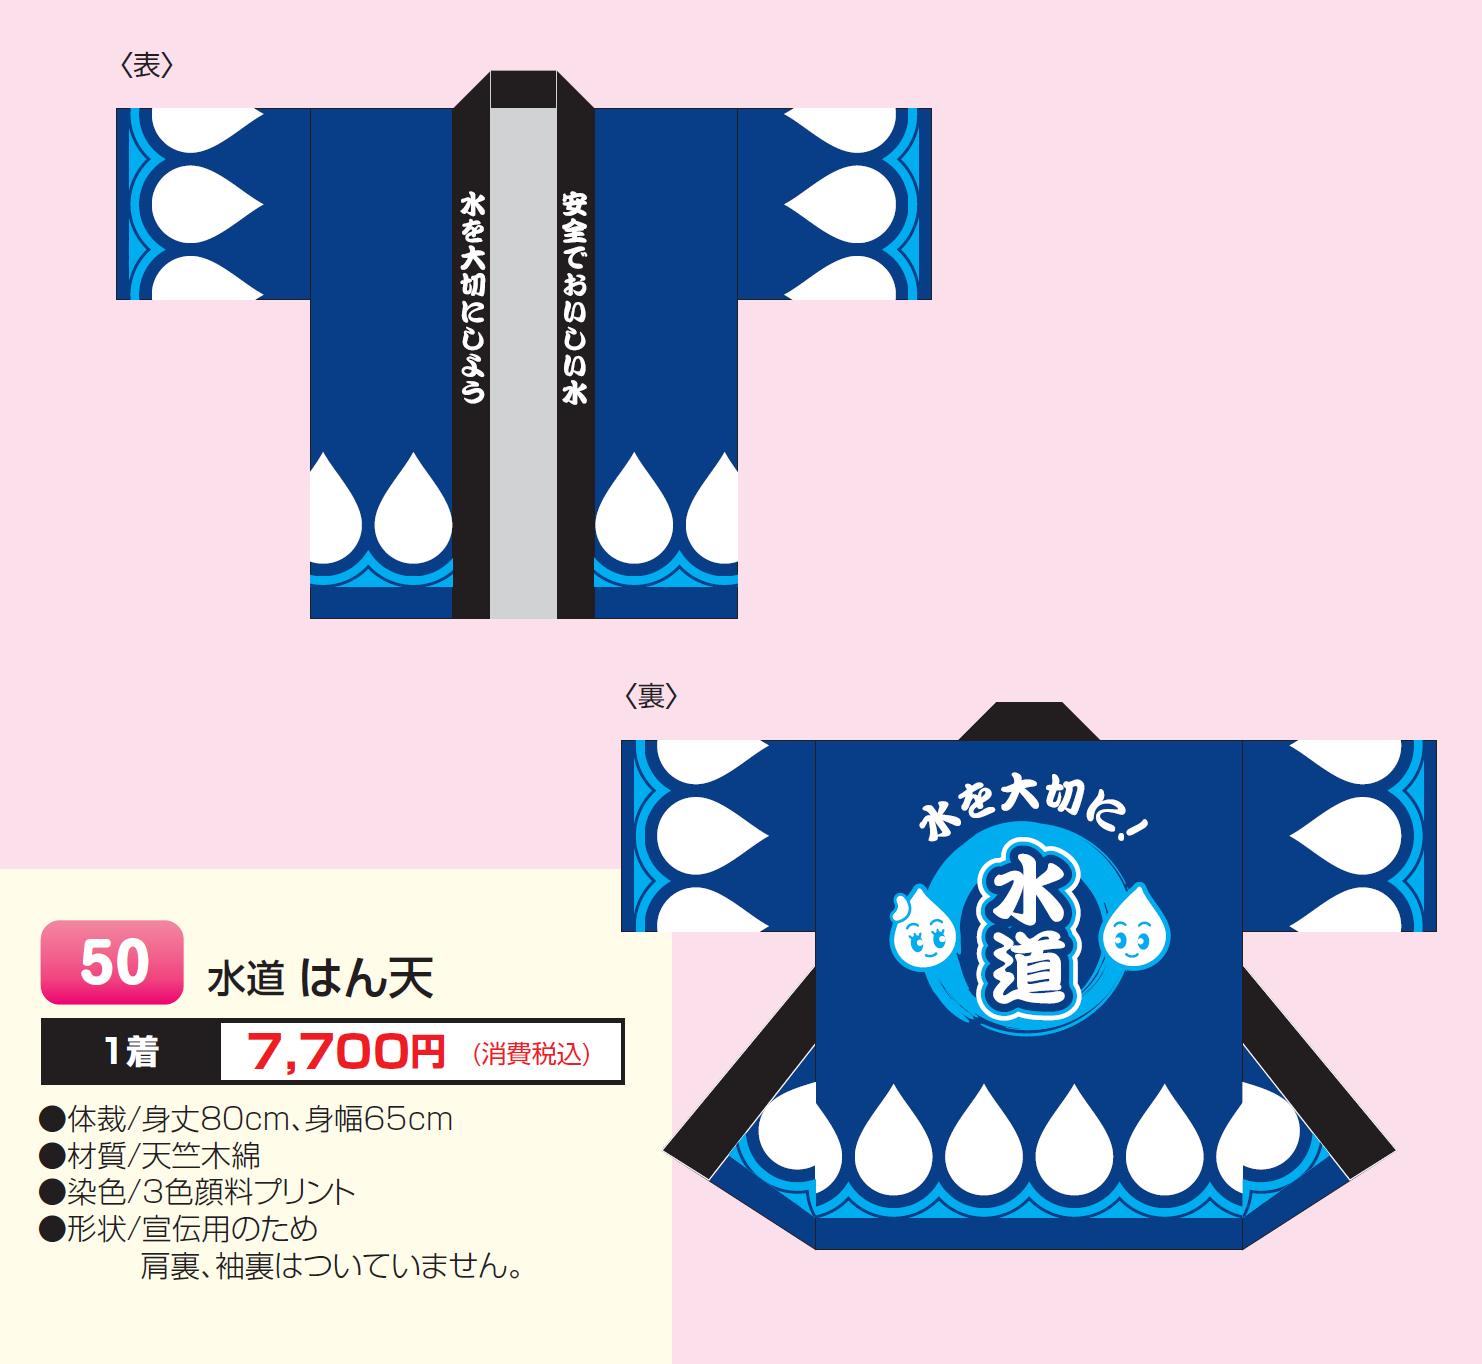 【製品No.50】水道 はん天